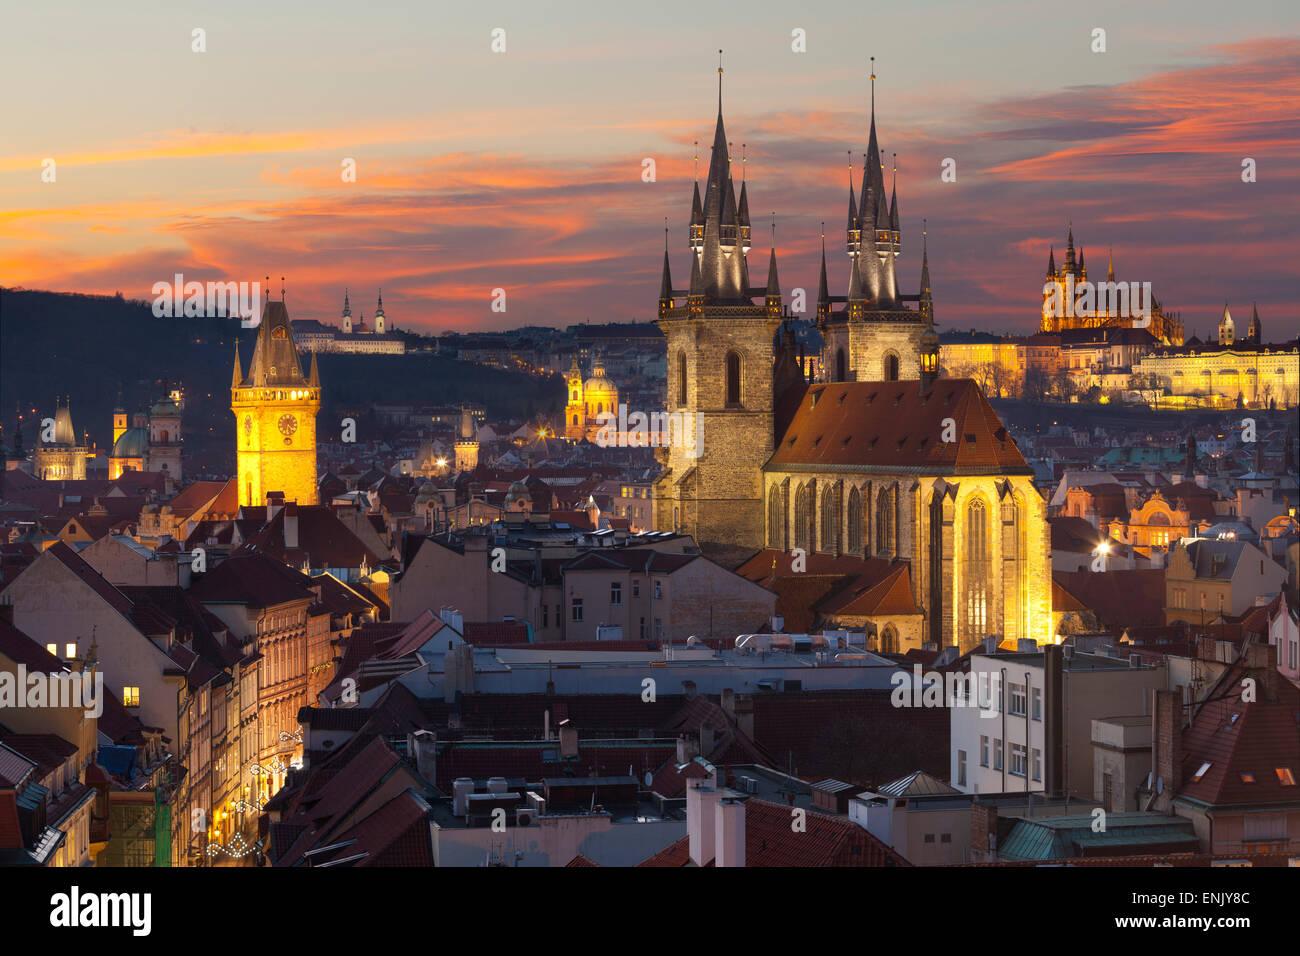 Überblick über das historische Zentrum bei Sonnenuntergang, Prag, Tschechische Republik, Europa Stockbild